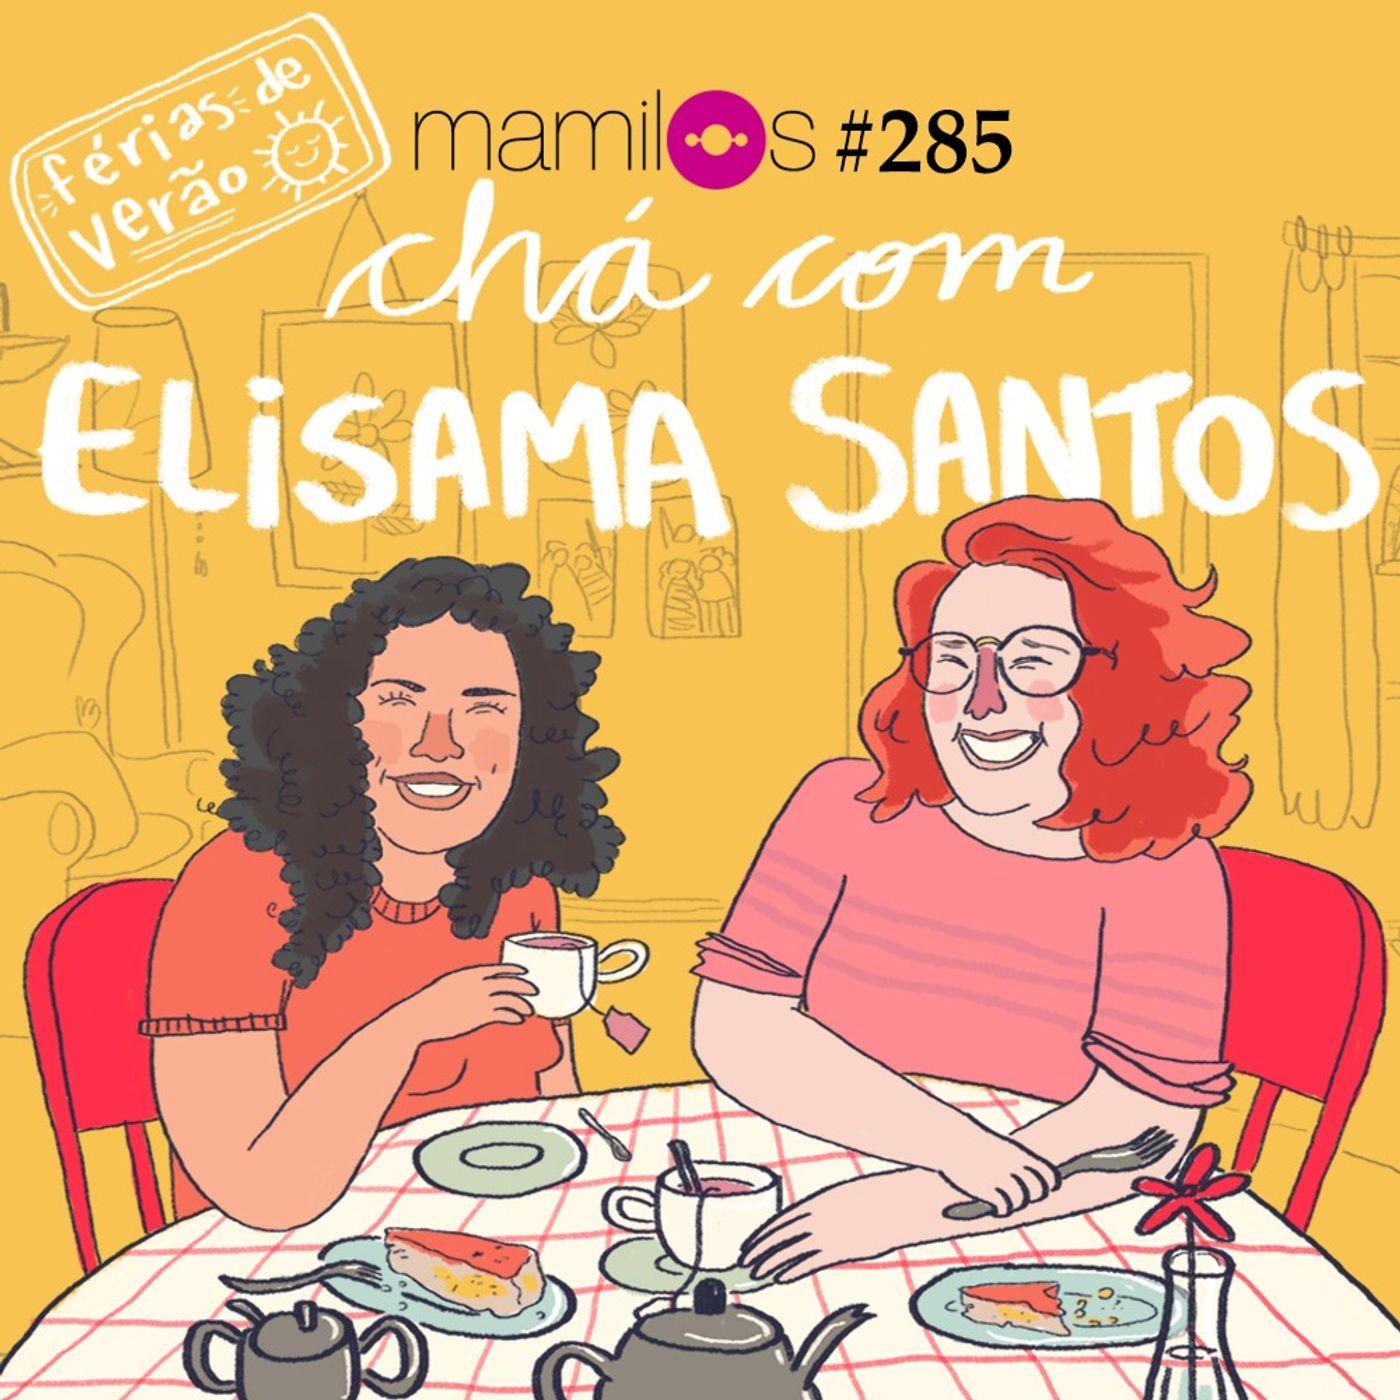 Chá com Elisama Santos